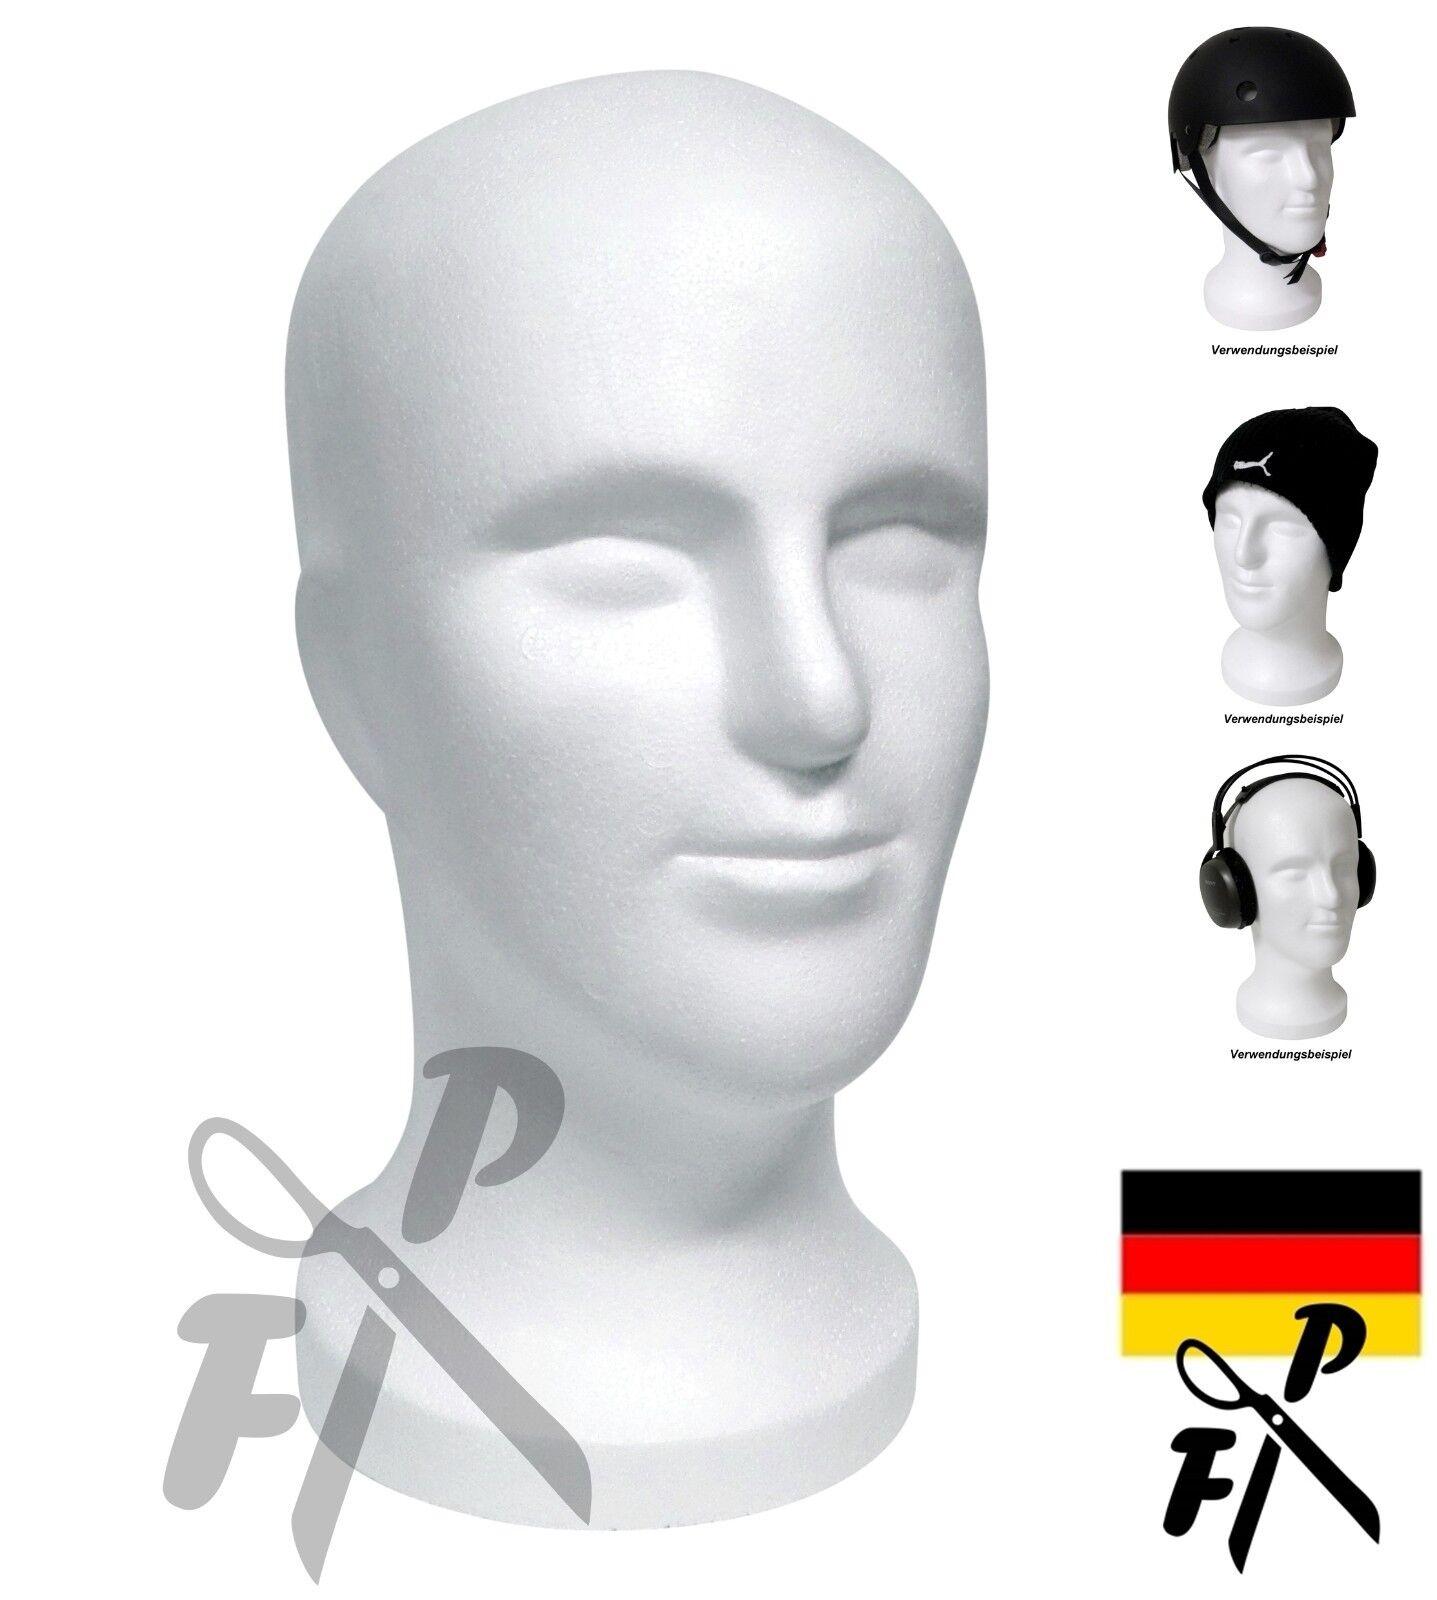 FP Herren Styroporkopf SAM  Perückenkopf Mann - Dekokopf männlich -Farbe n. Wahl